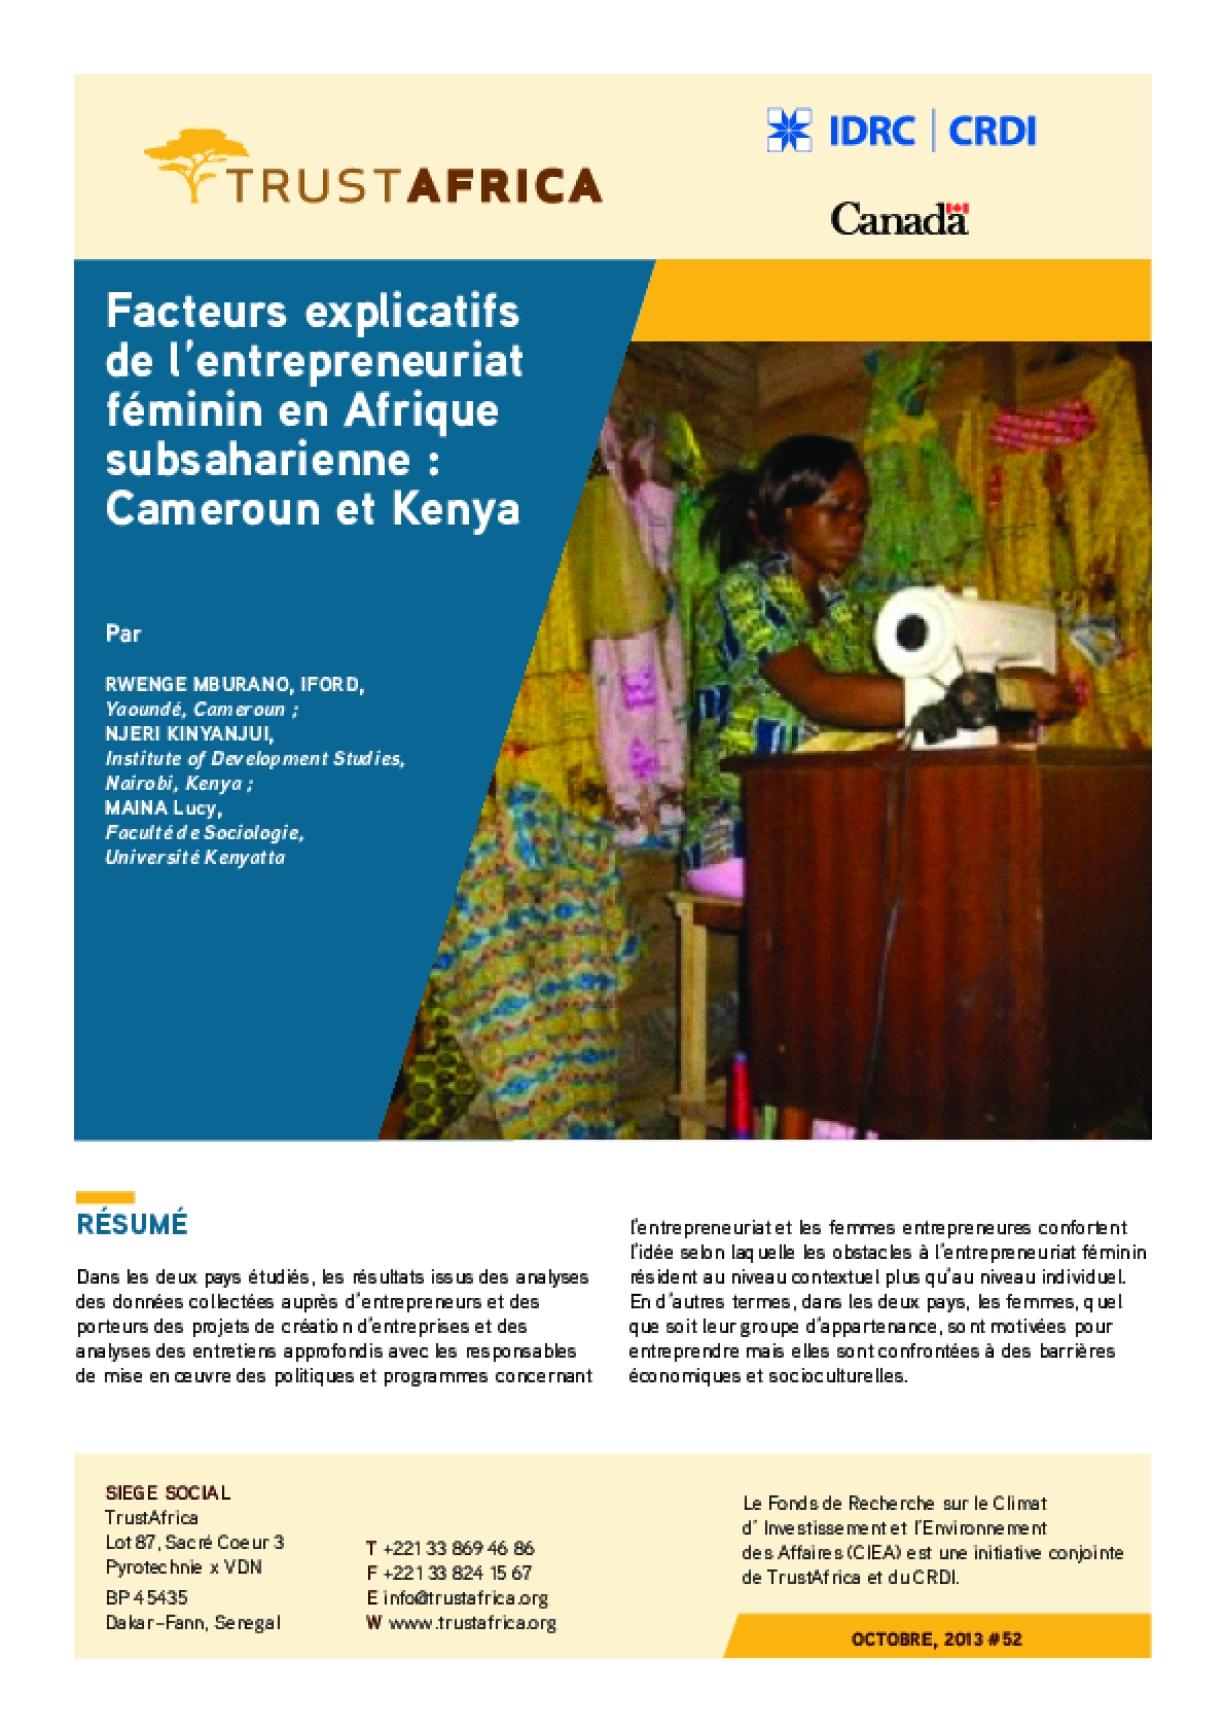 Facteurs Explicatifs De L'entrepreneuriat Féminin En Afrique Subsaharienne : Cameroun Et Kenya